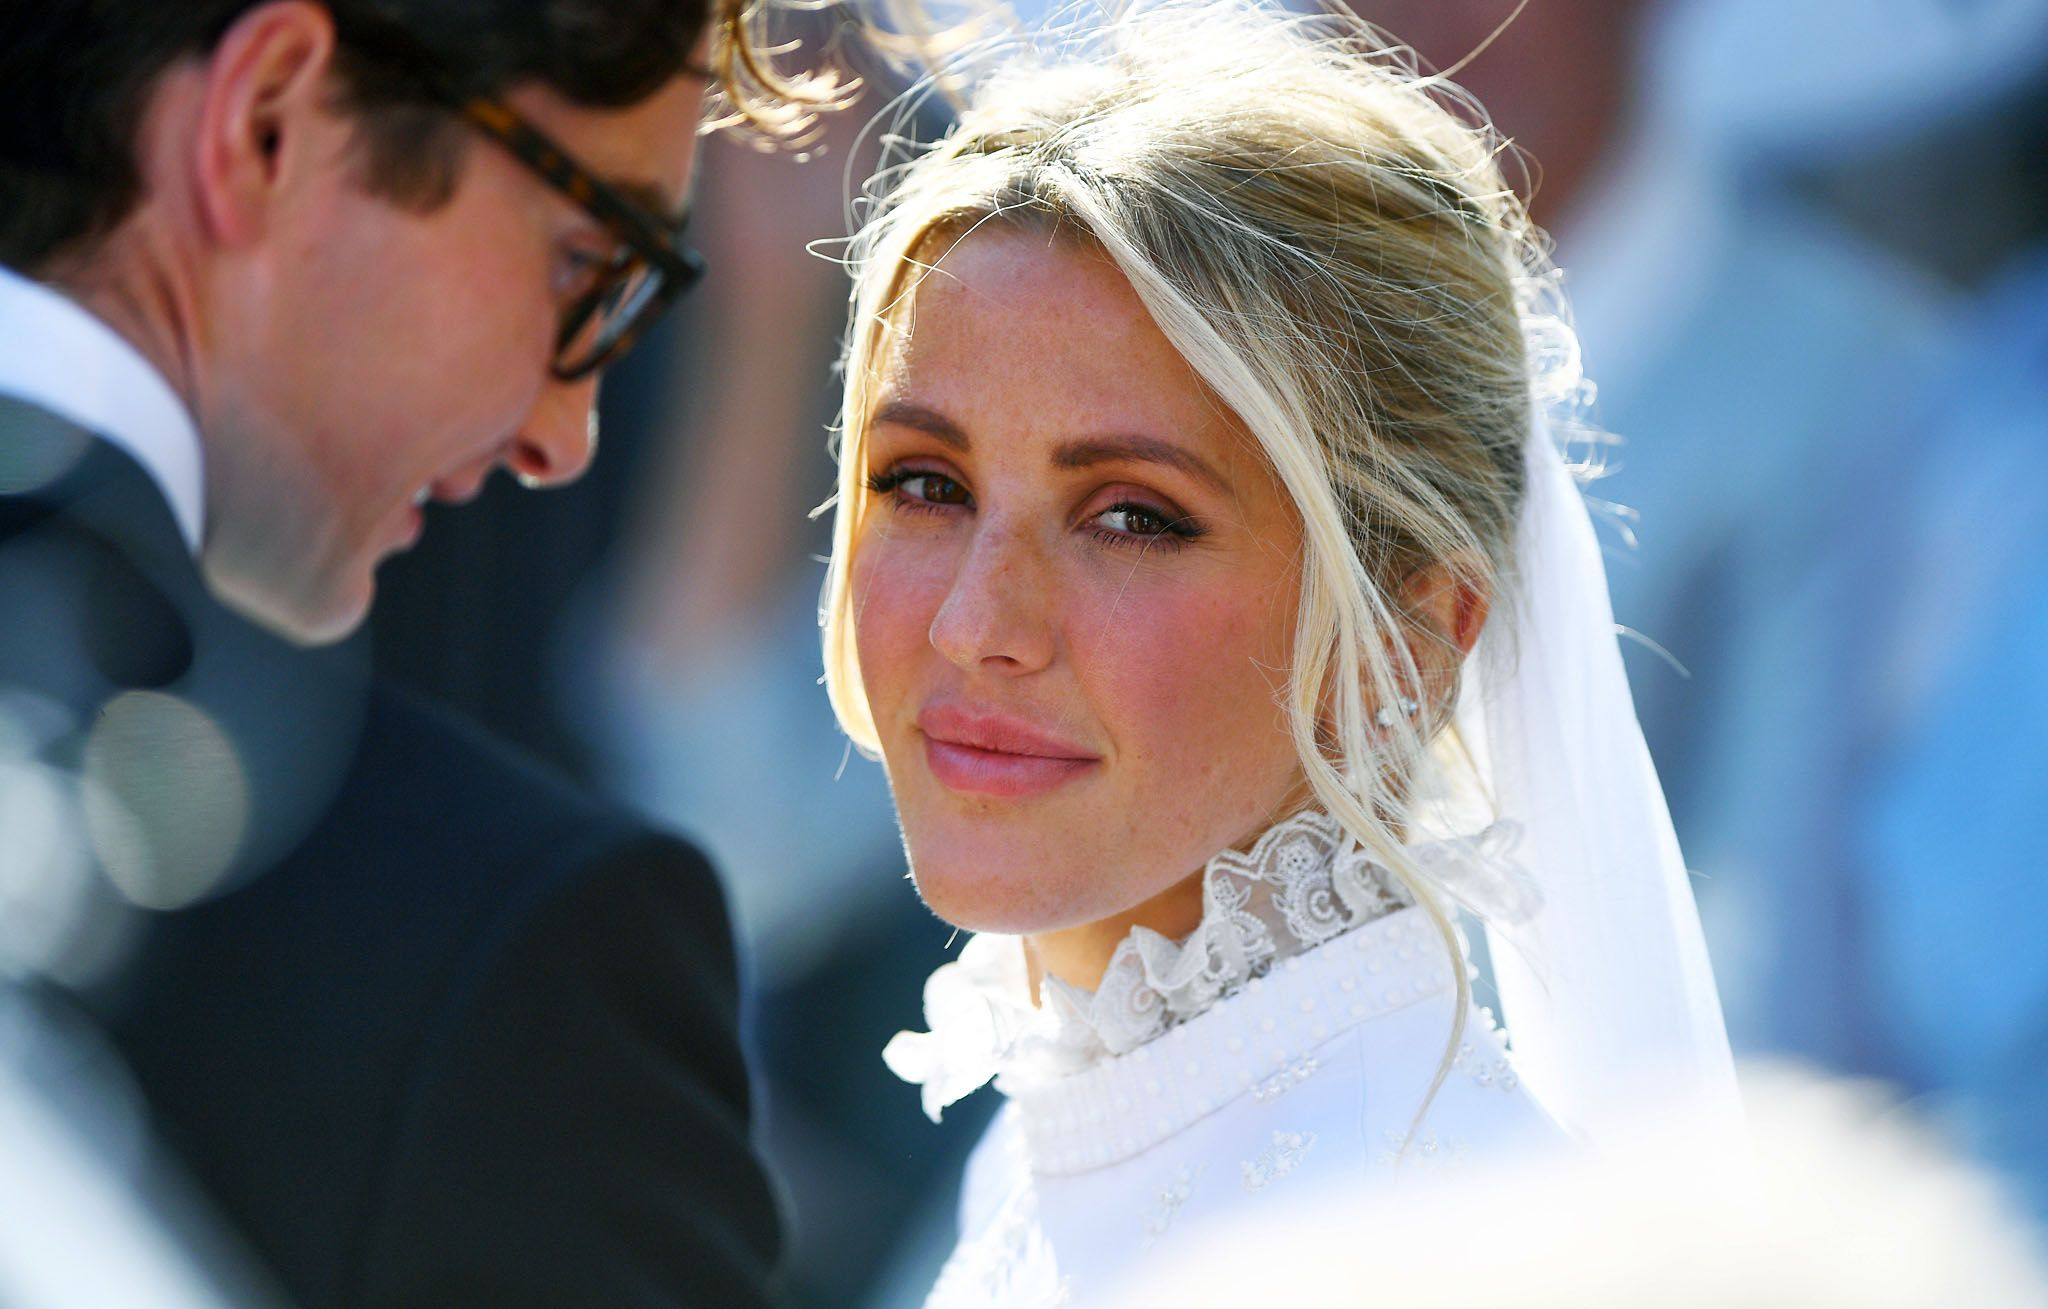 Ellie Goulding Marries Caspar Jopling In England